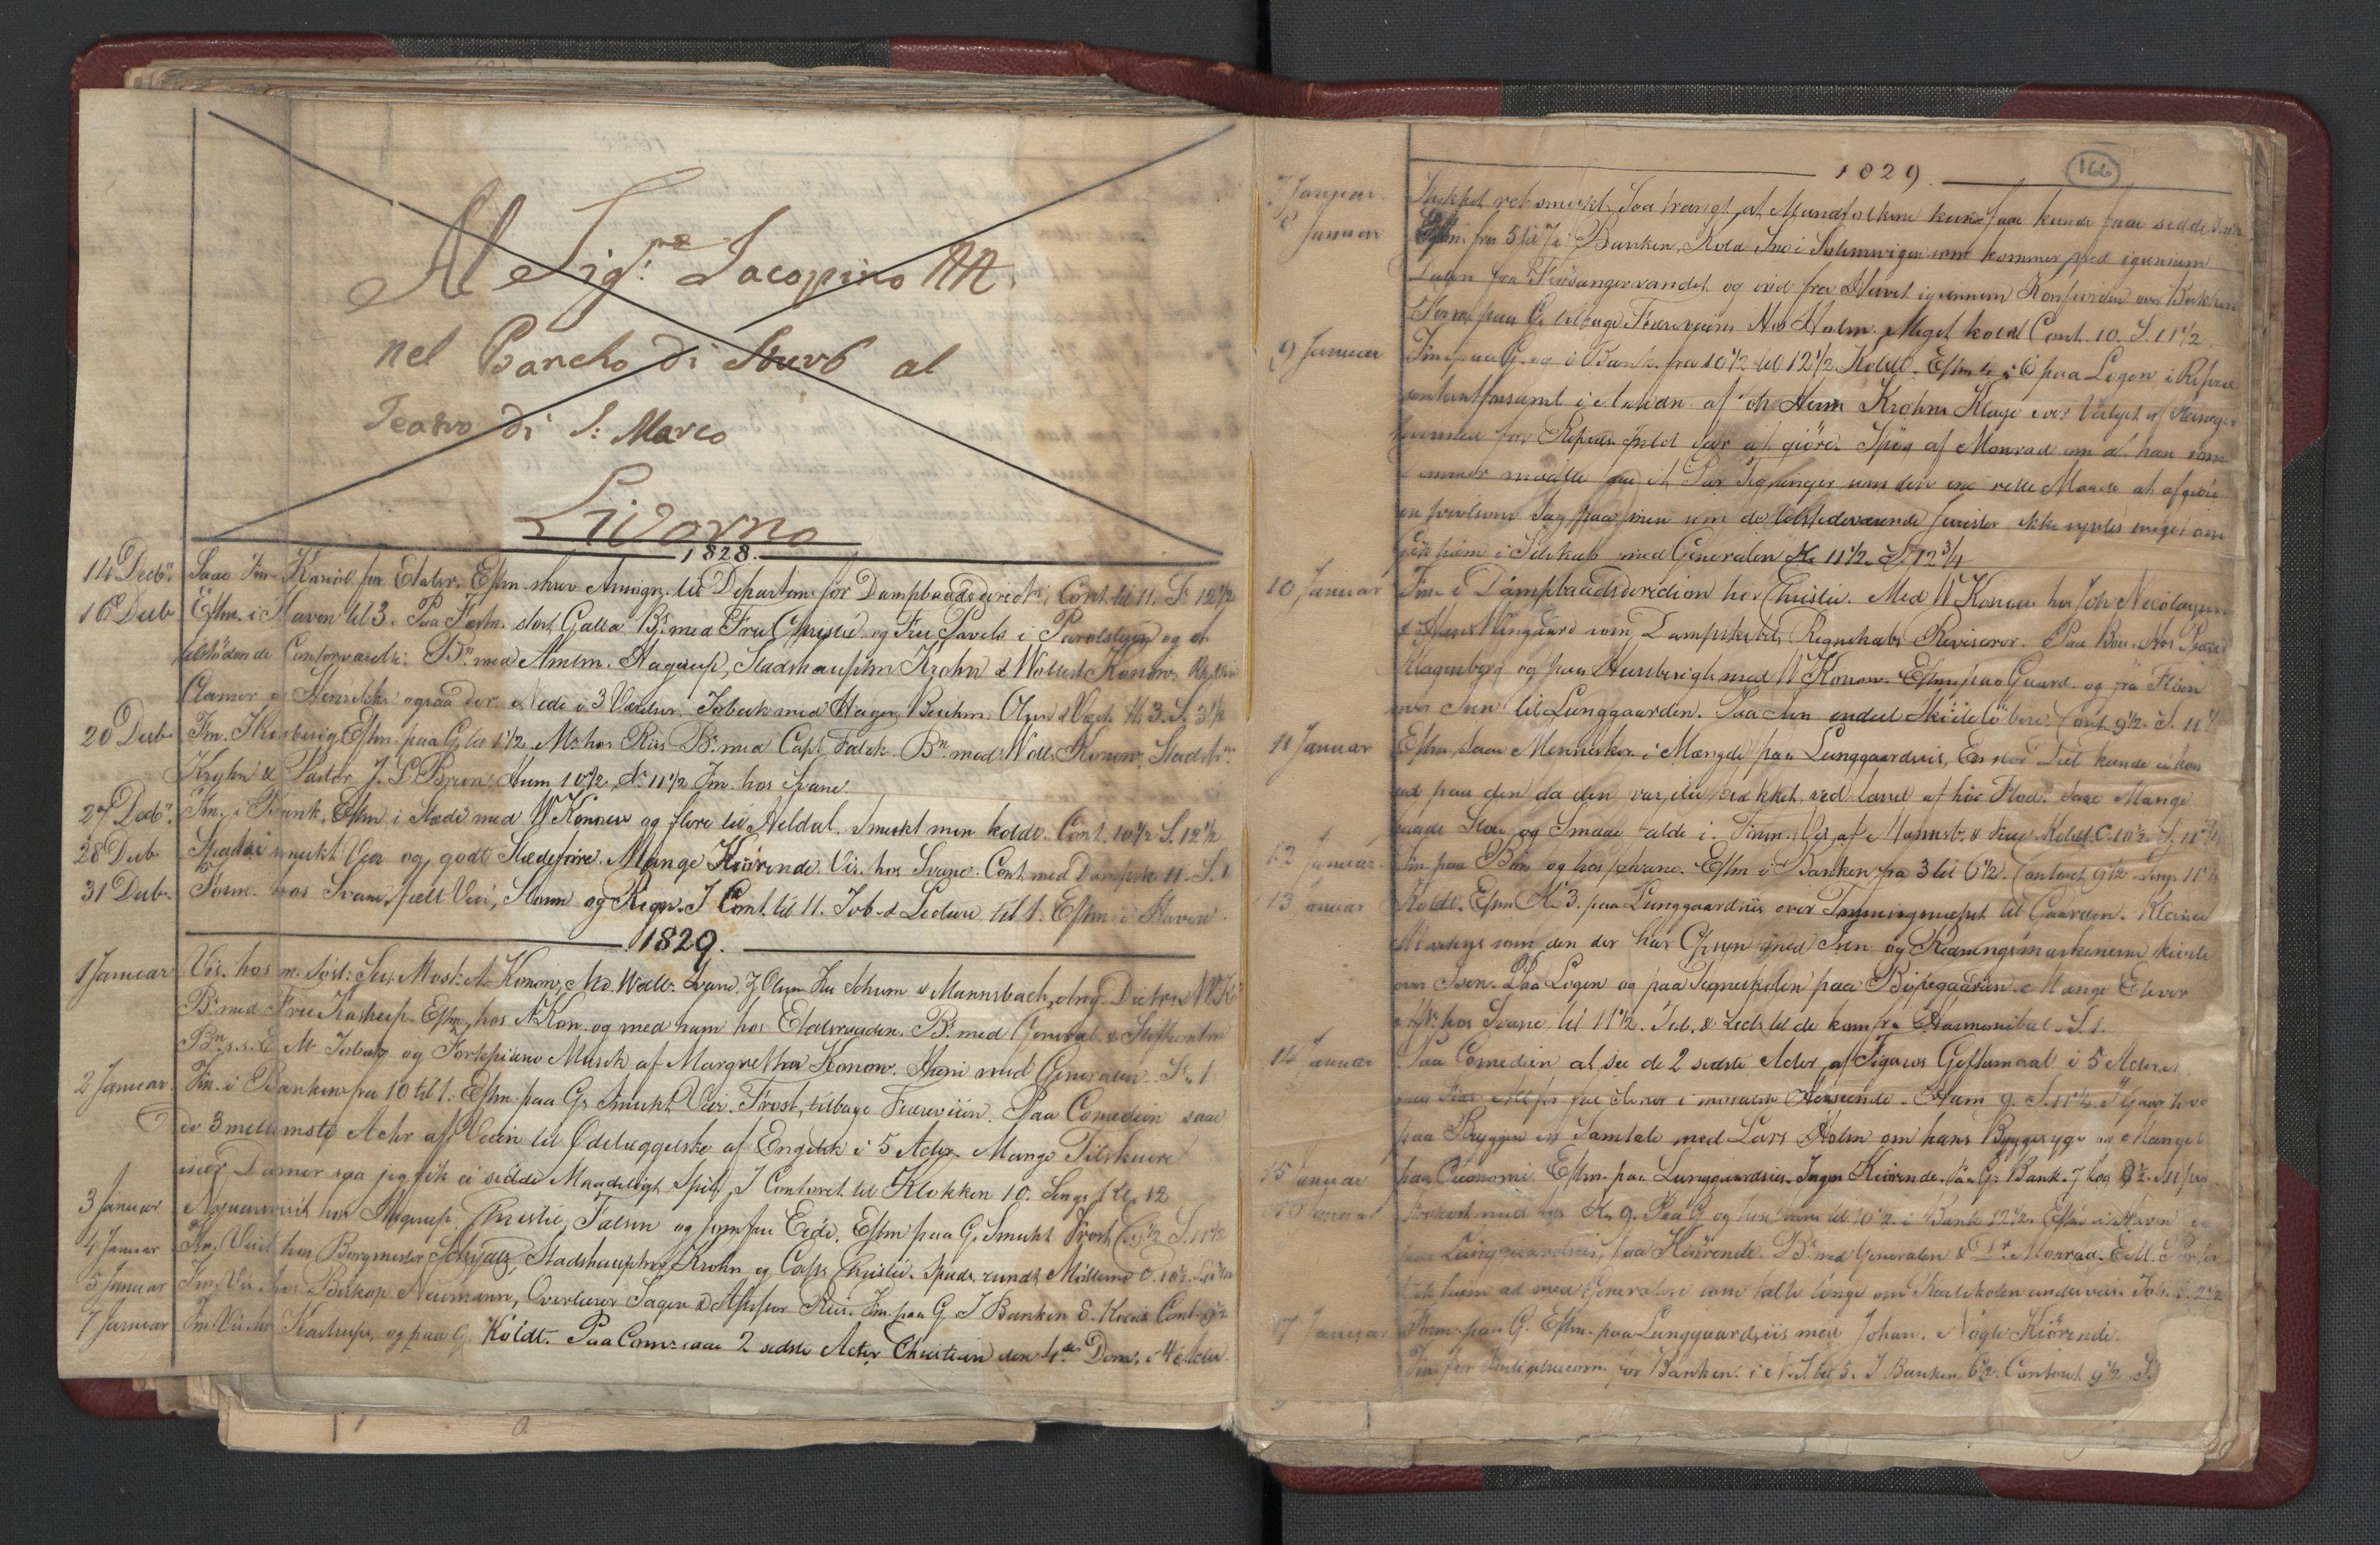 RA, Meltzer, Fredrik, F/L0003: Dagbok, 1821-1831, s. 165b-166a